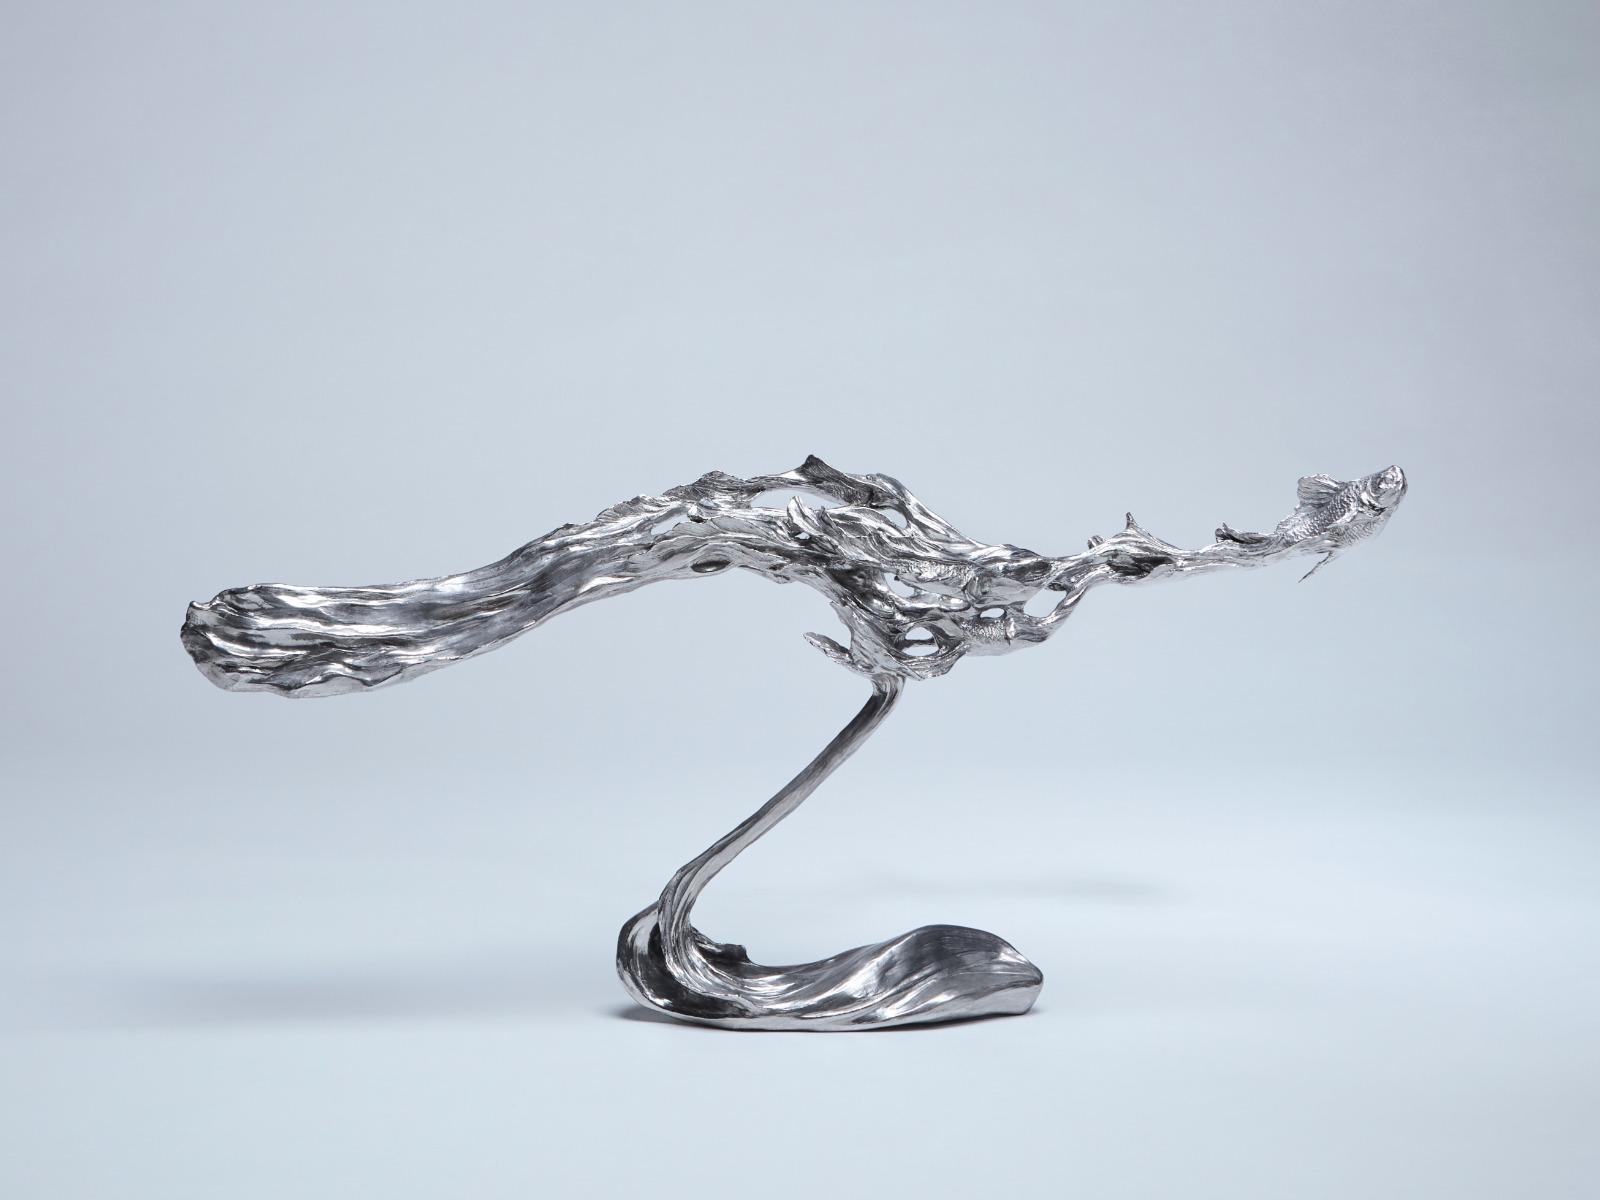 一生萬物不鏽鋼雕塑遠景照